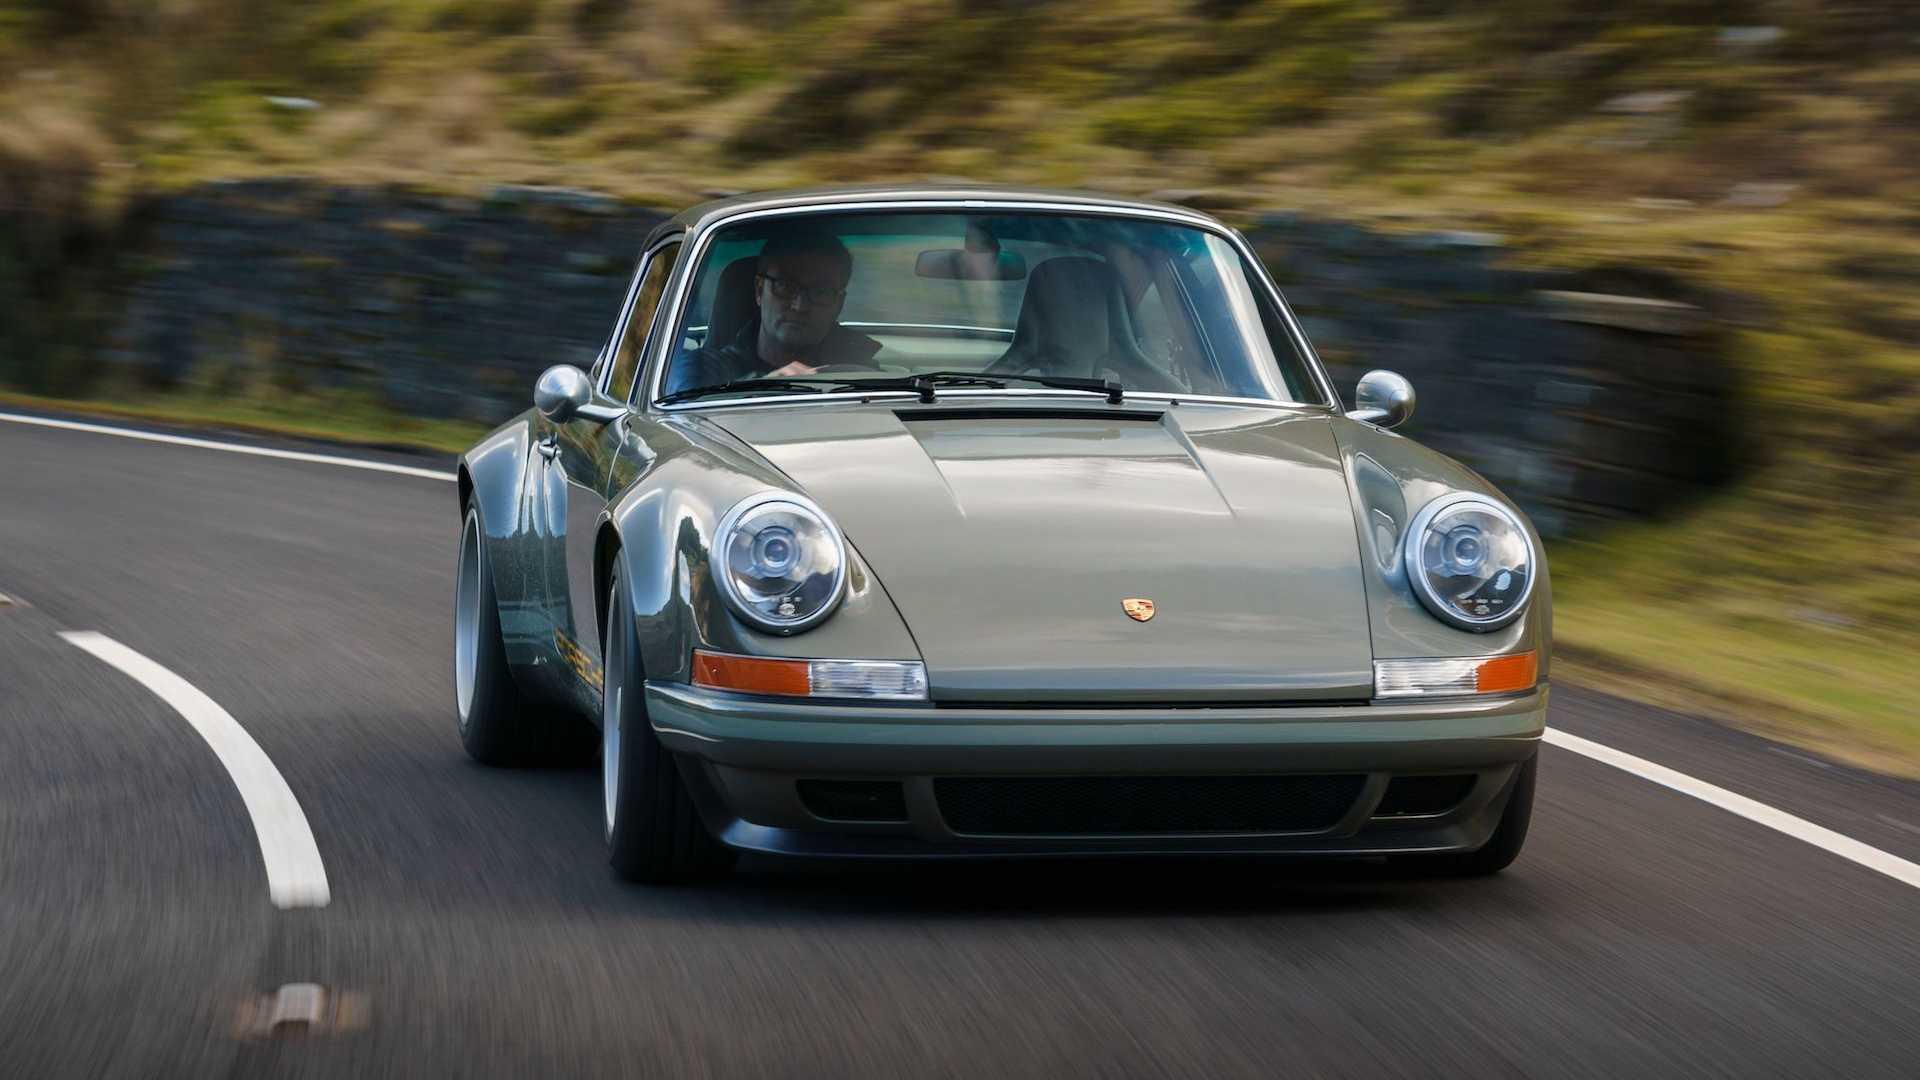 Theon-Design-HK002-Porsche-911-48